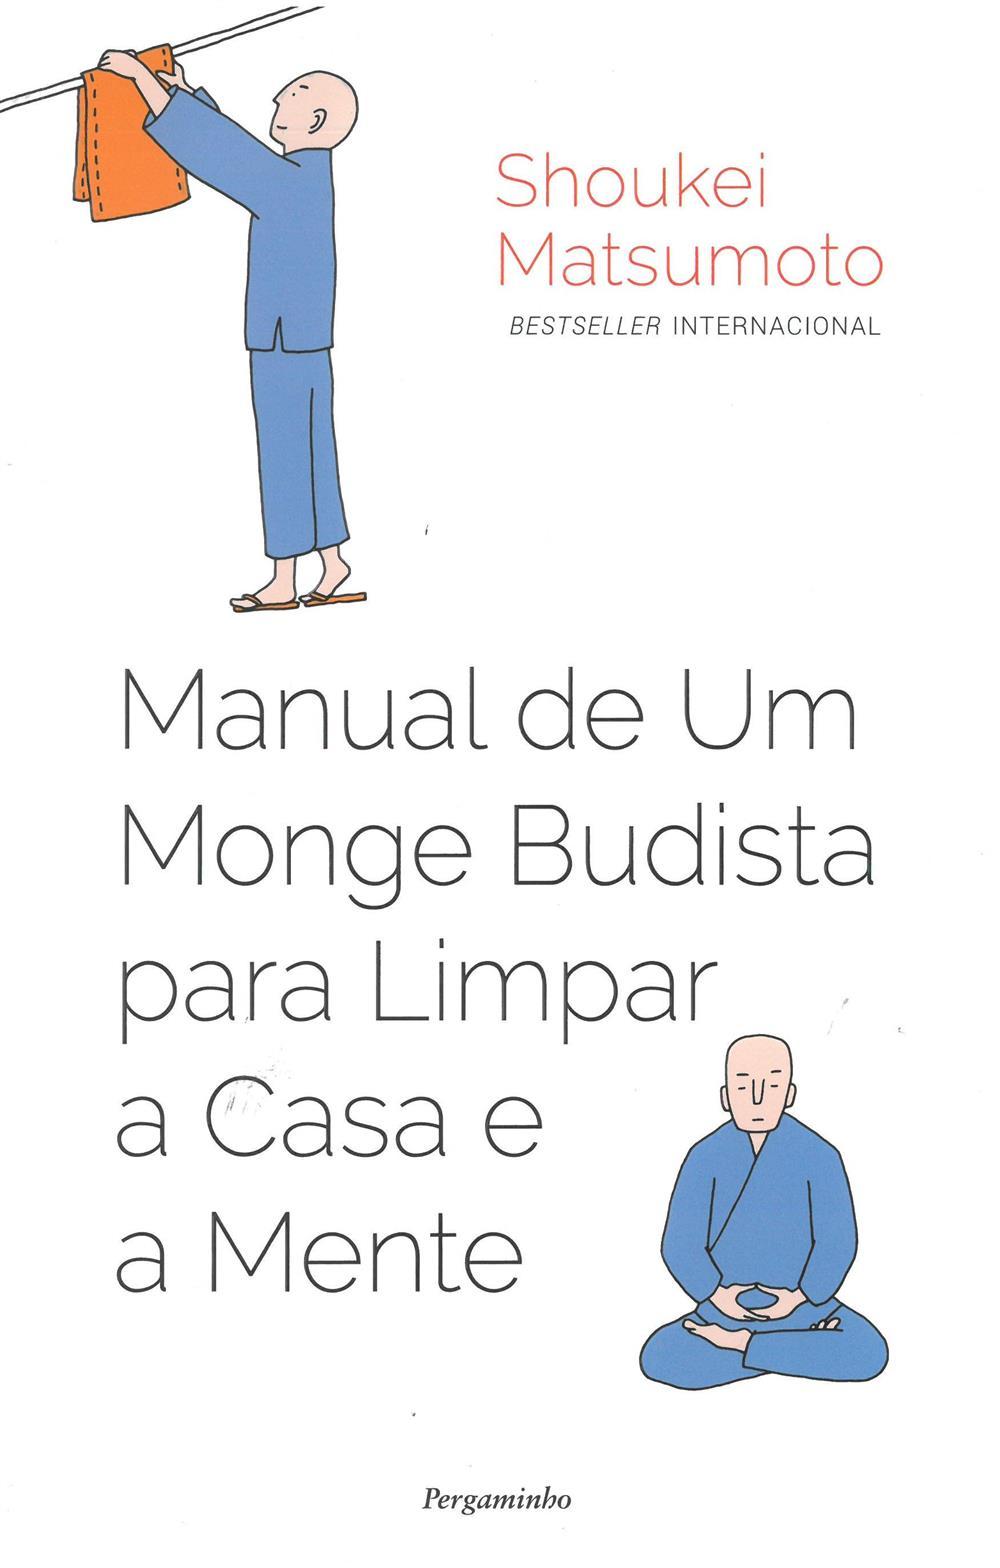 Manual de um monge budista para limpar a casa e a mente.jpg